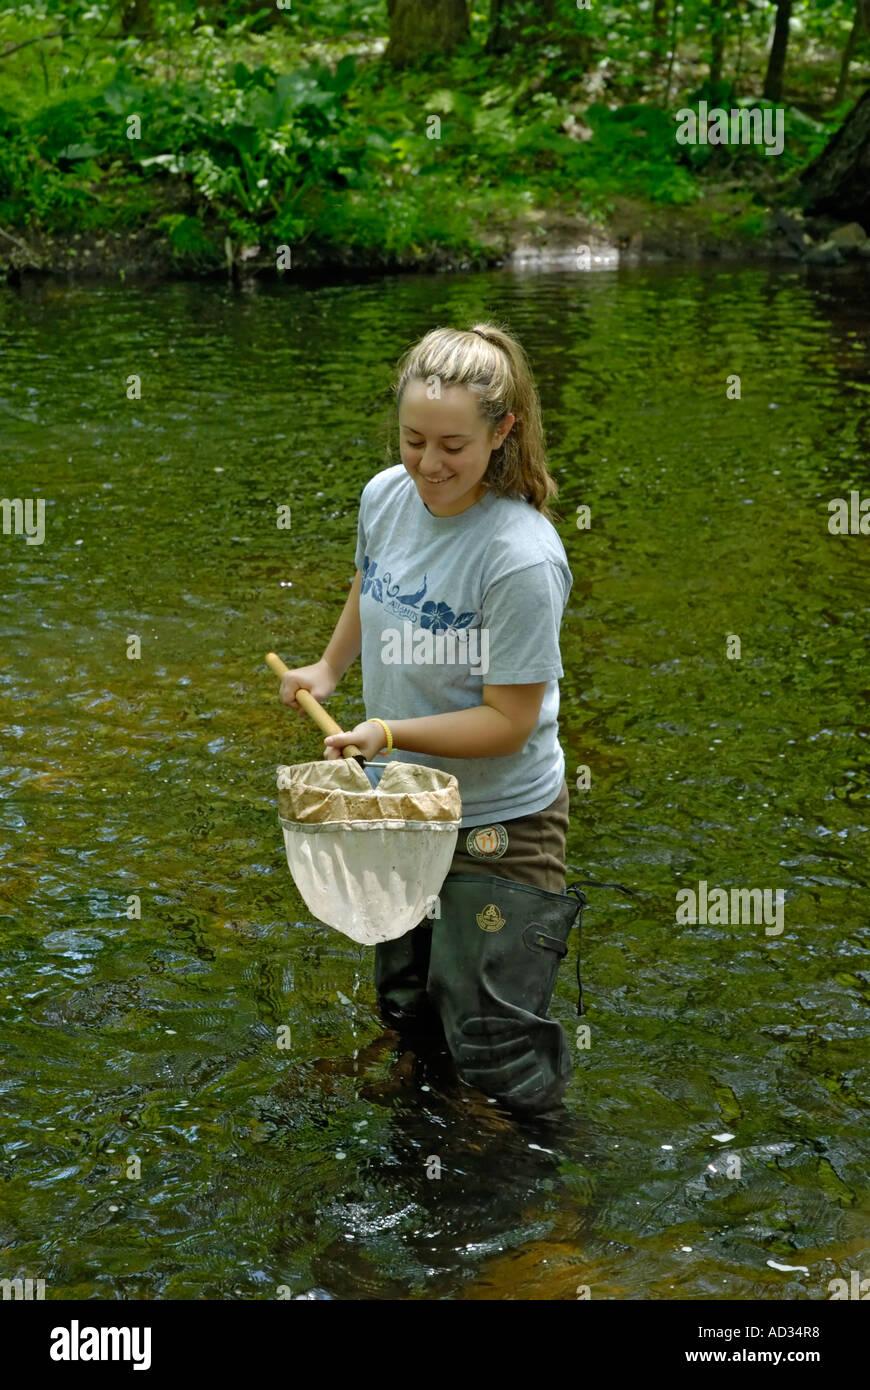 Adolescente utilizando net el muestreo de agua del río para peces e invertebrados indicadores biológicos de calidad del agua. Imagen De Stock